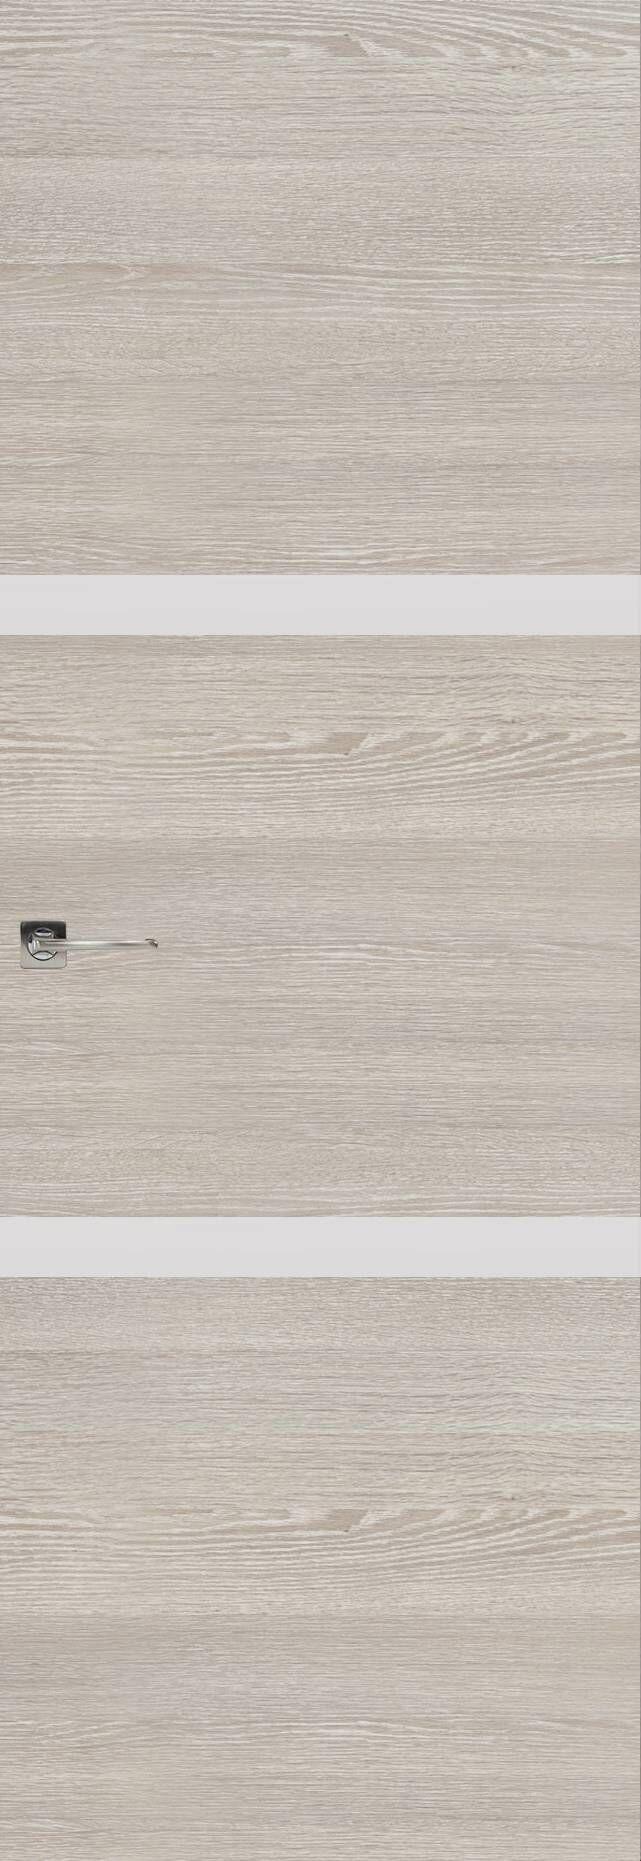 Tivoli В-4 Невидимка цвет - Серый дуб Без стекла (ДГ)